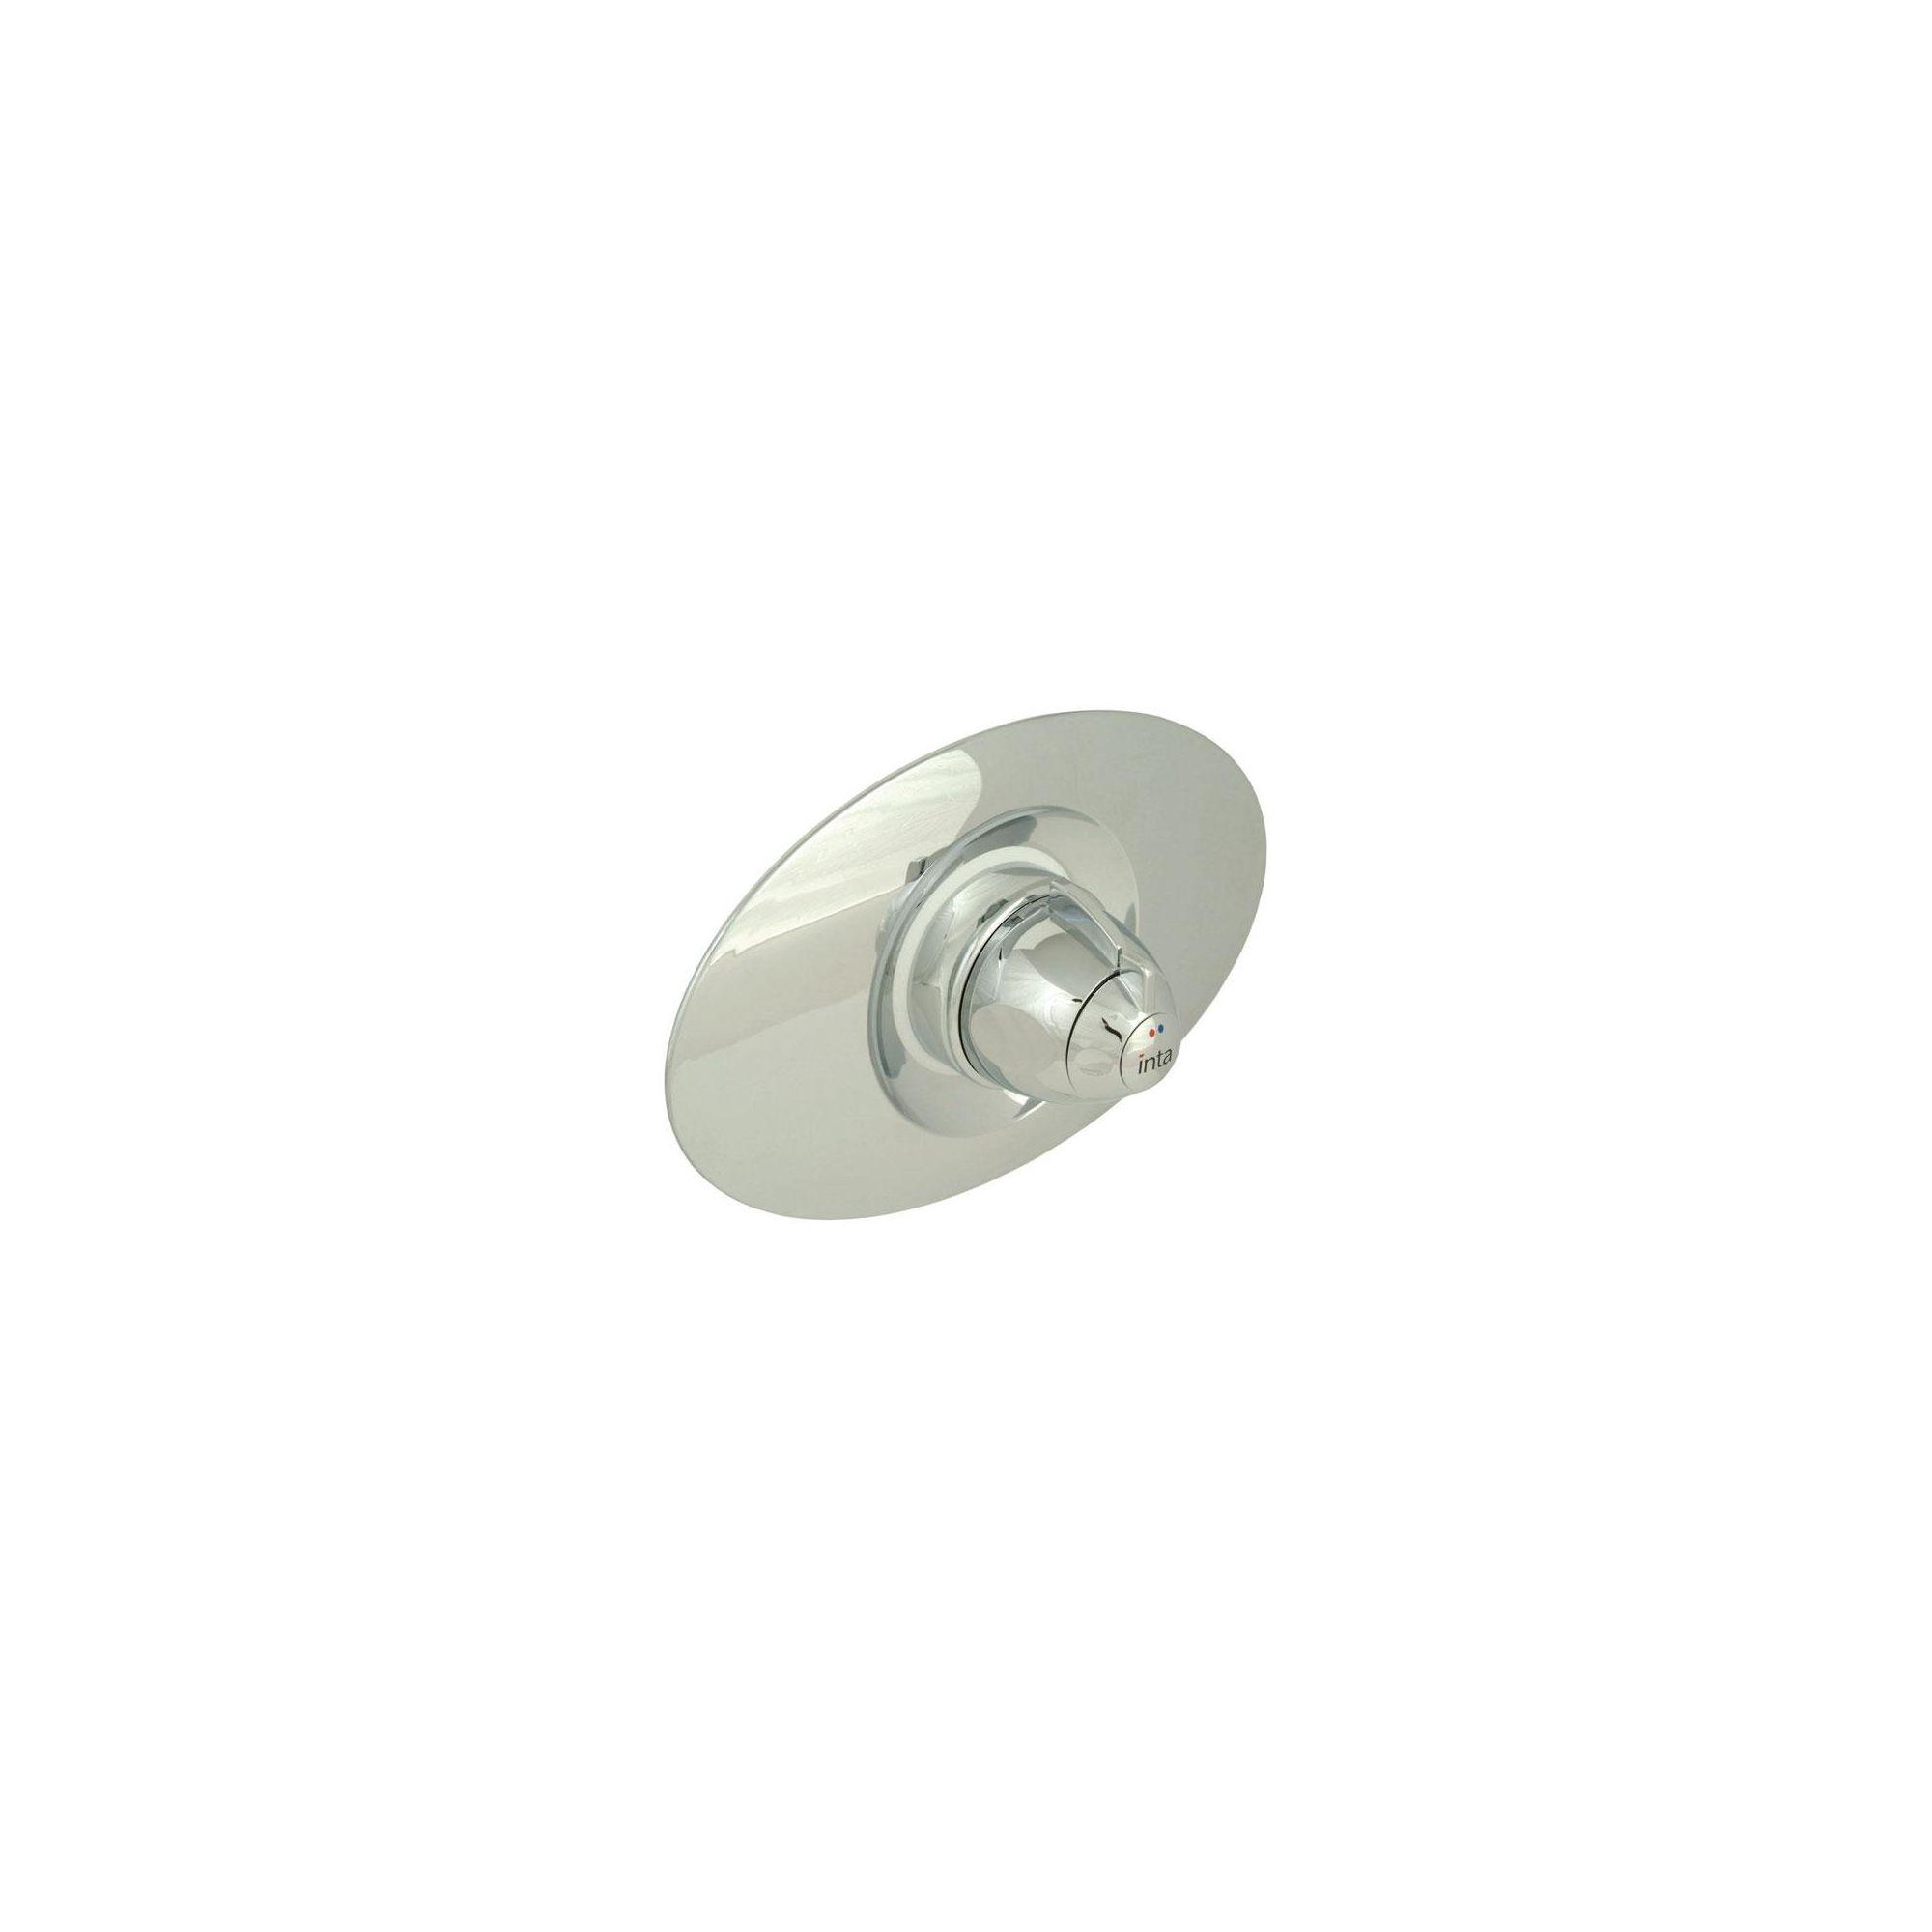 Inta Modern Concealed Shower Valve at Tescos Direct